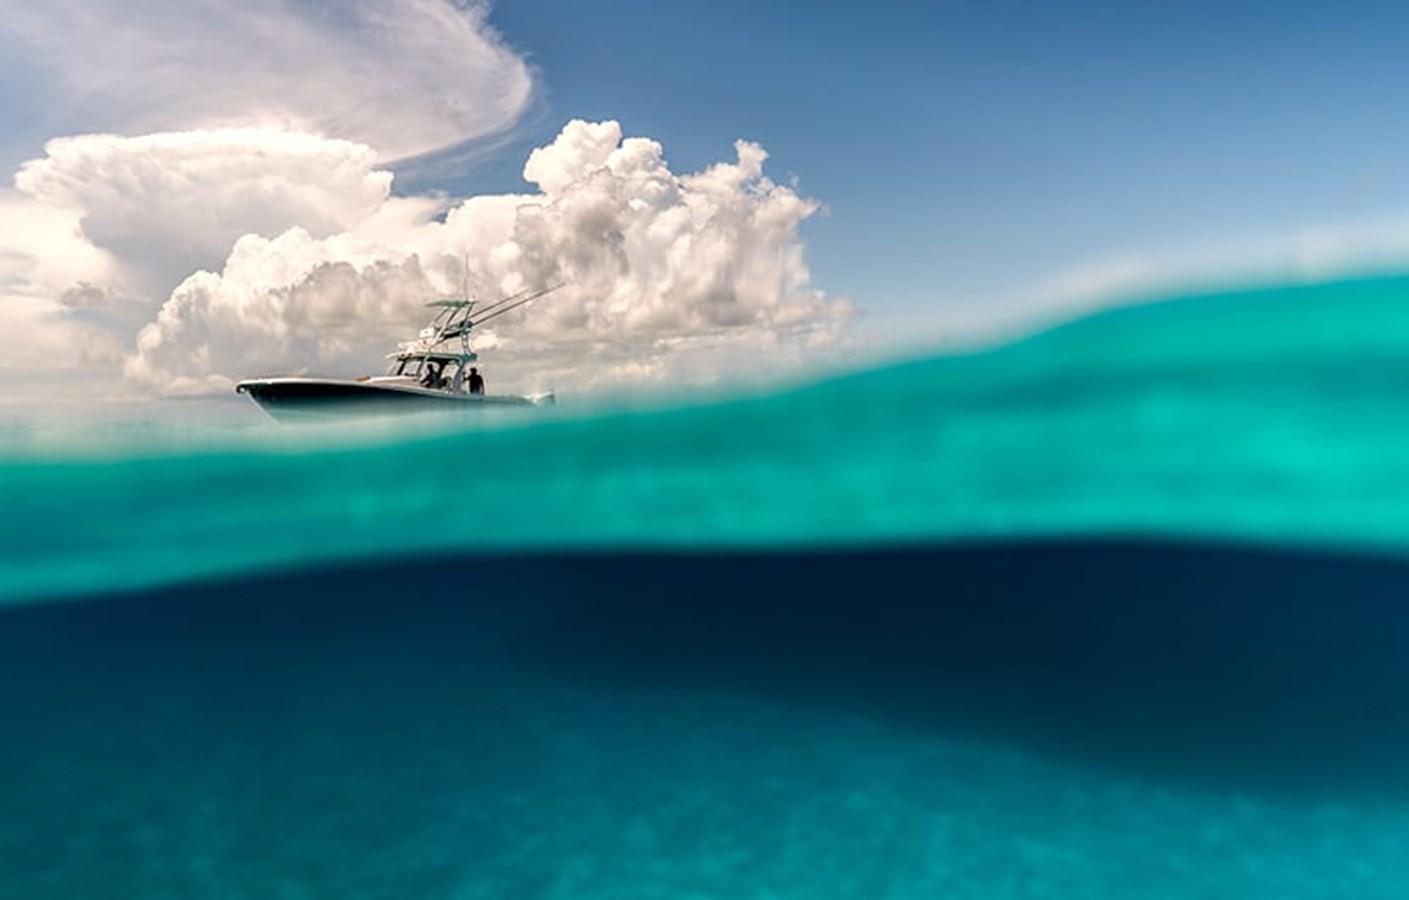 370cc_fishing_edgewater-boats_underwater